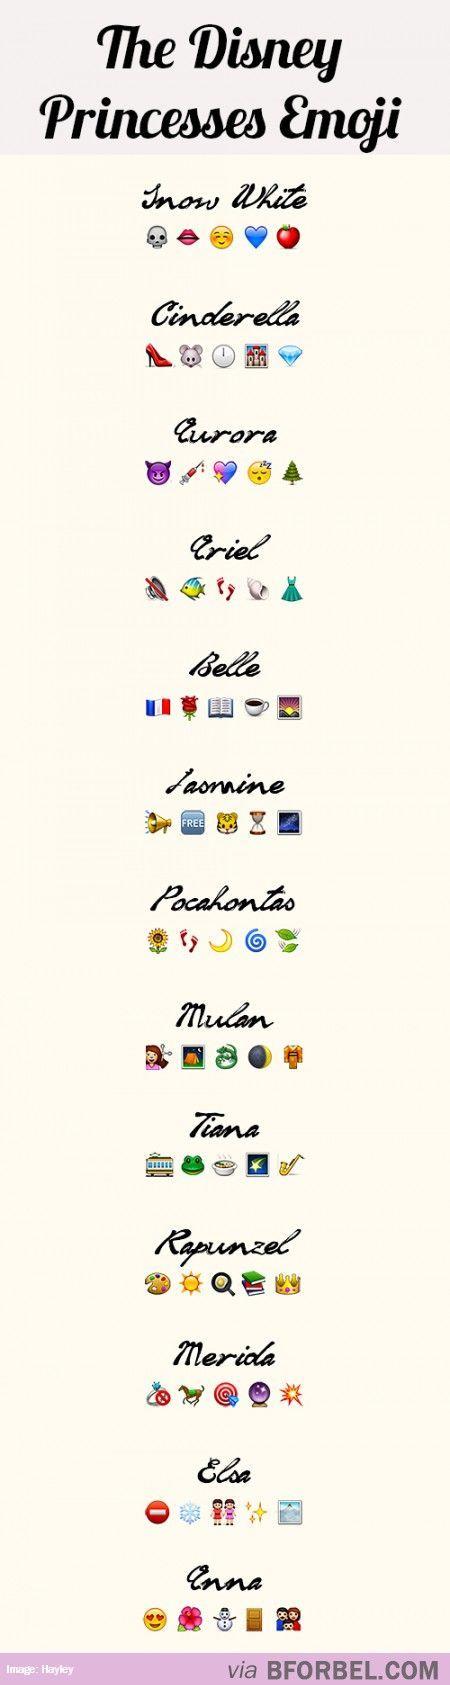 Amei esse emoji que definem a história das princesas